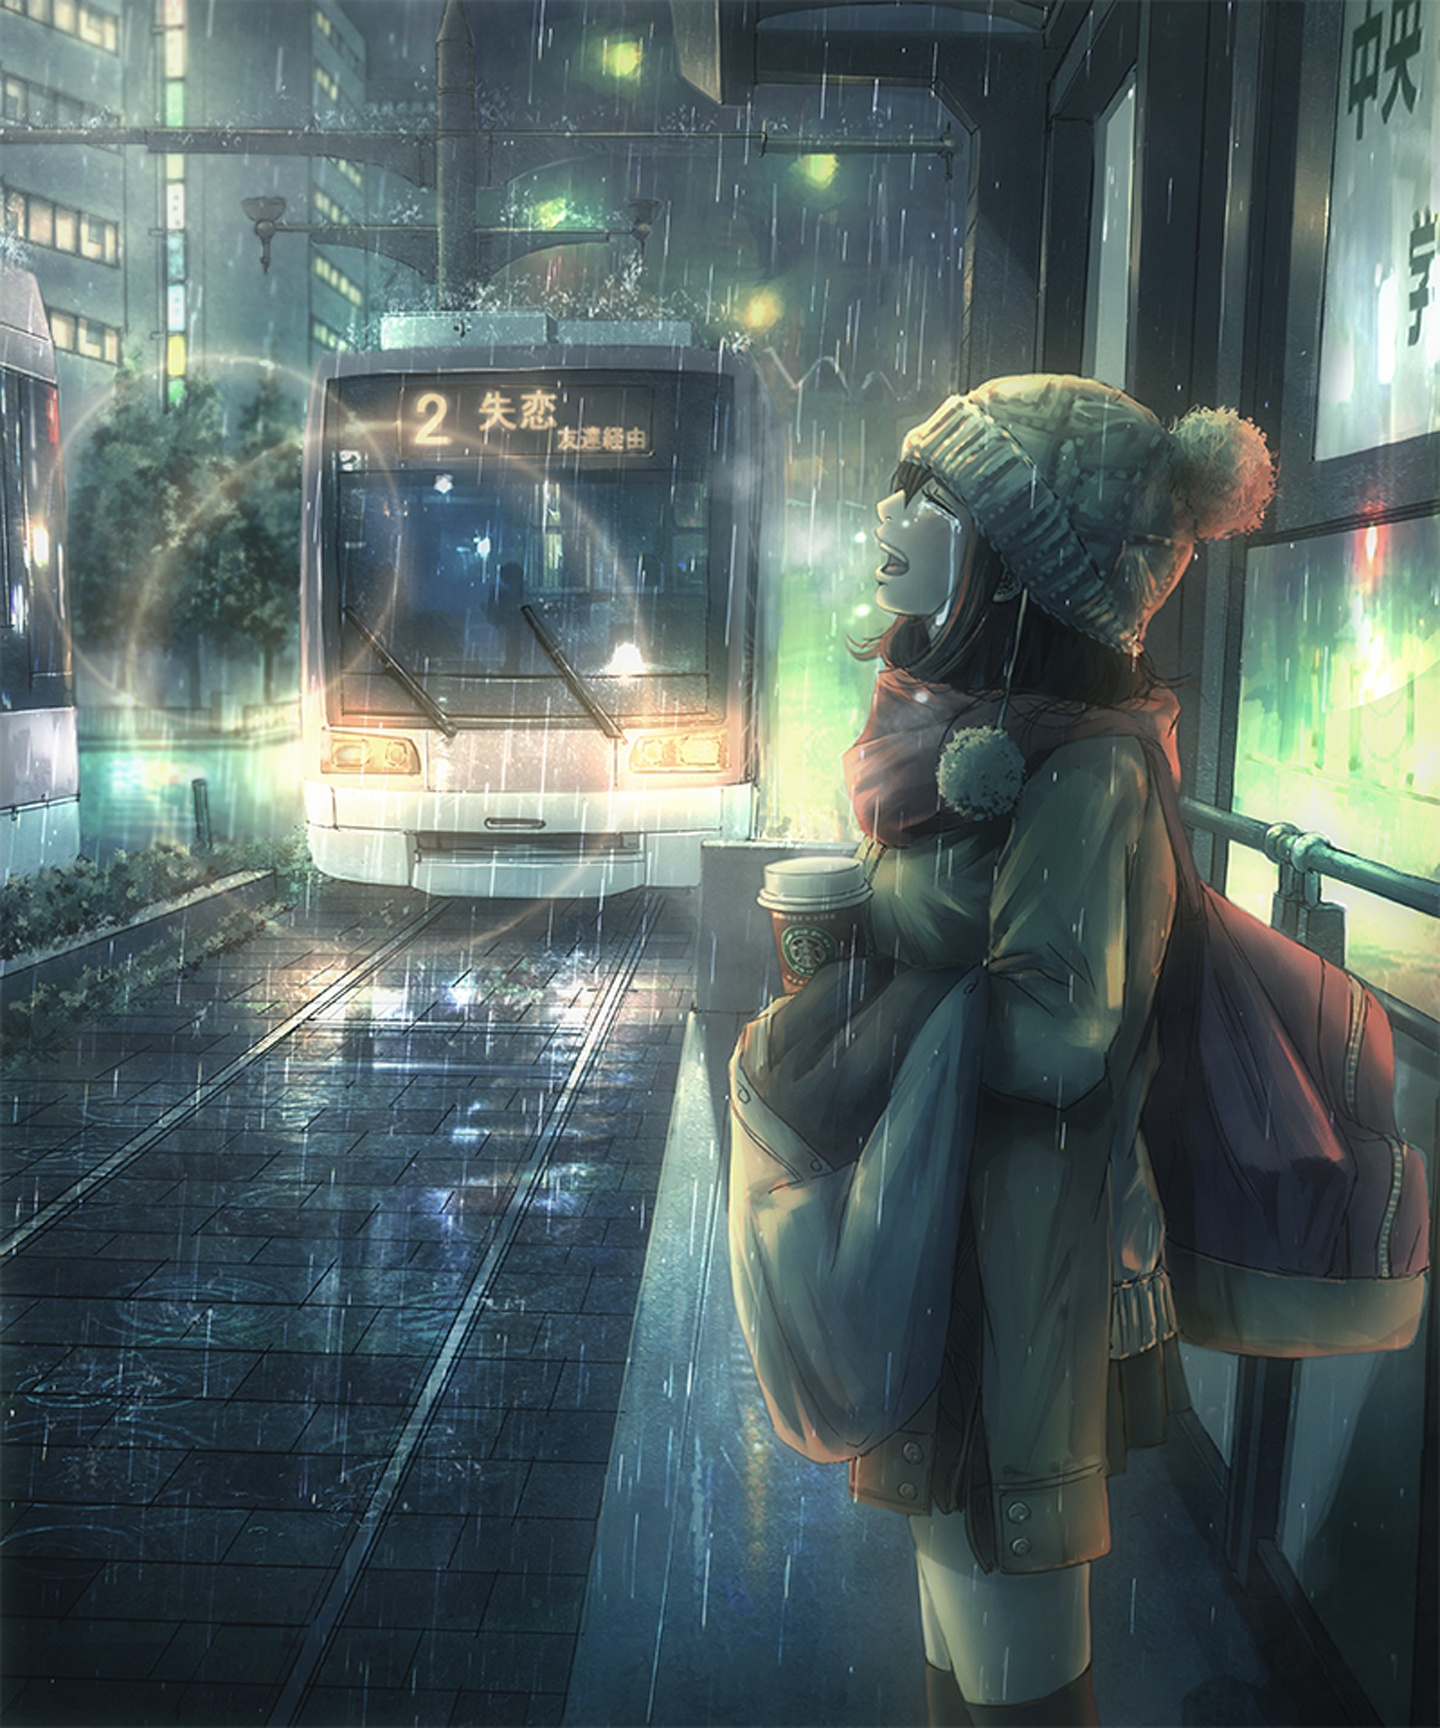 Anime Girl Crying In The Rain - Gambarku